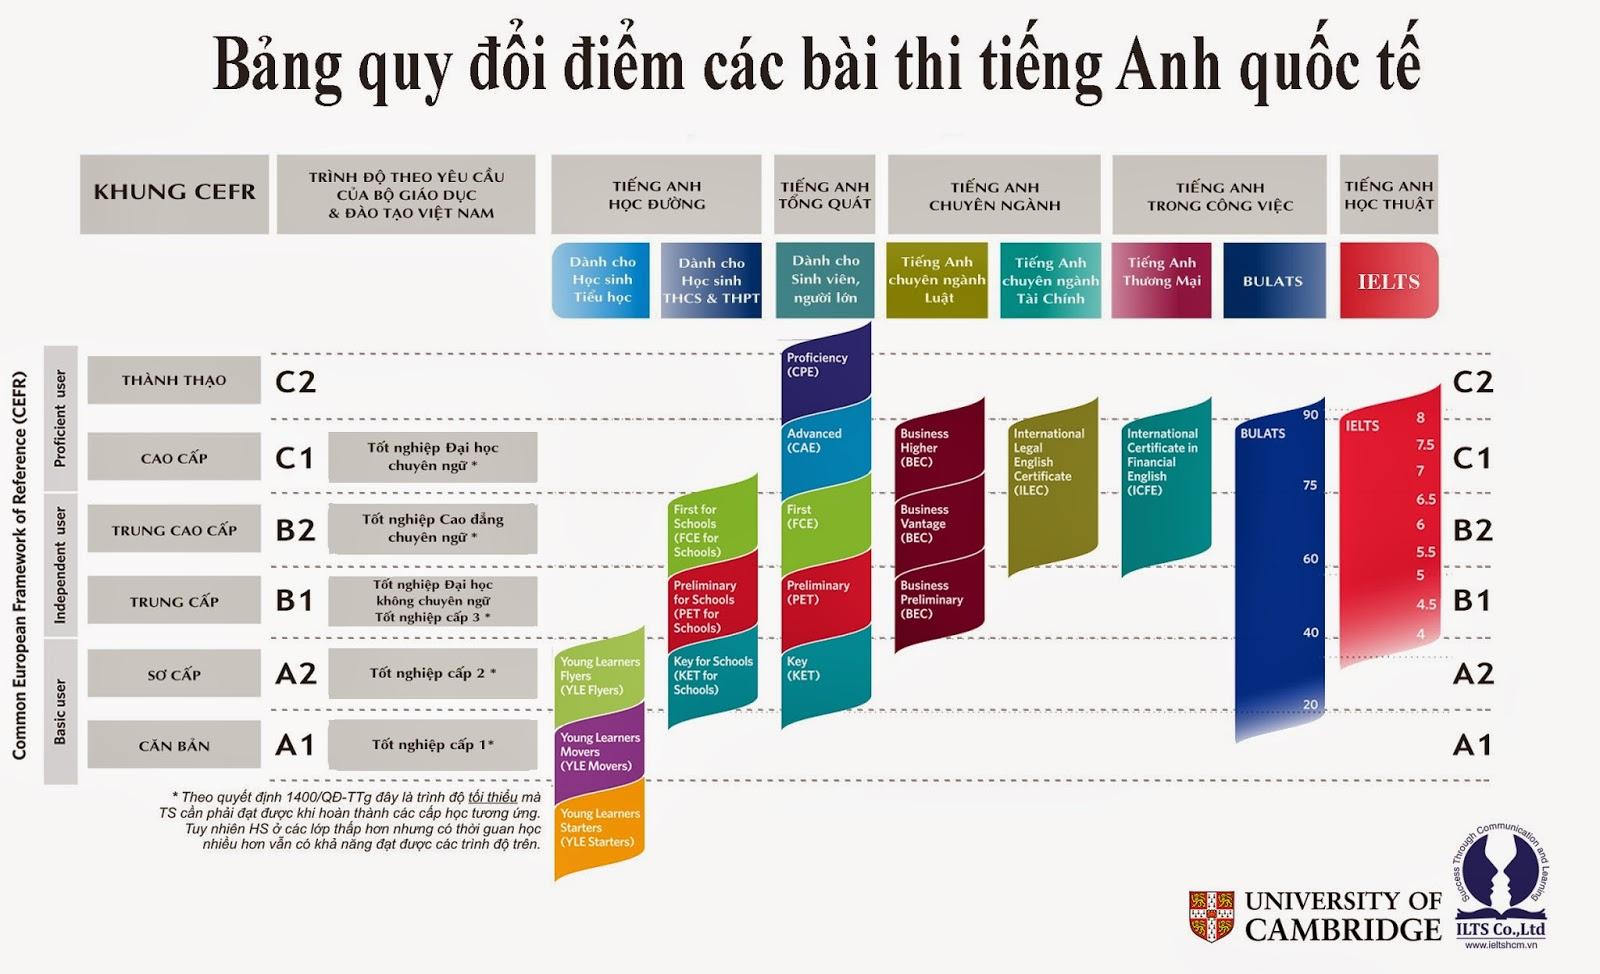 Bảng quy đổi chỉ có tính chất tham khảo – từng tổ chức, quốc gia khác nhau thì giá trị quy đổi cũng khác nhau (vẫn có nhiều nơi không chấp nhận quy đổi). ILTS Co.,Ltd ( ieltshcm )